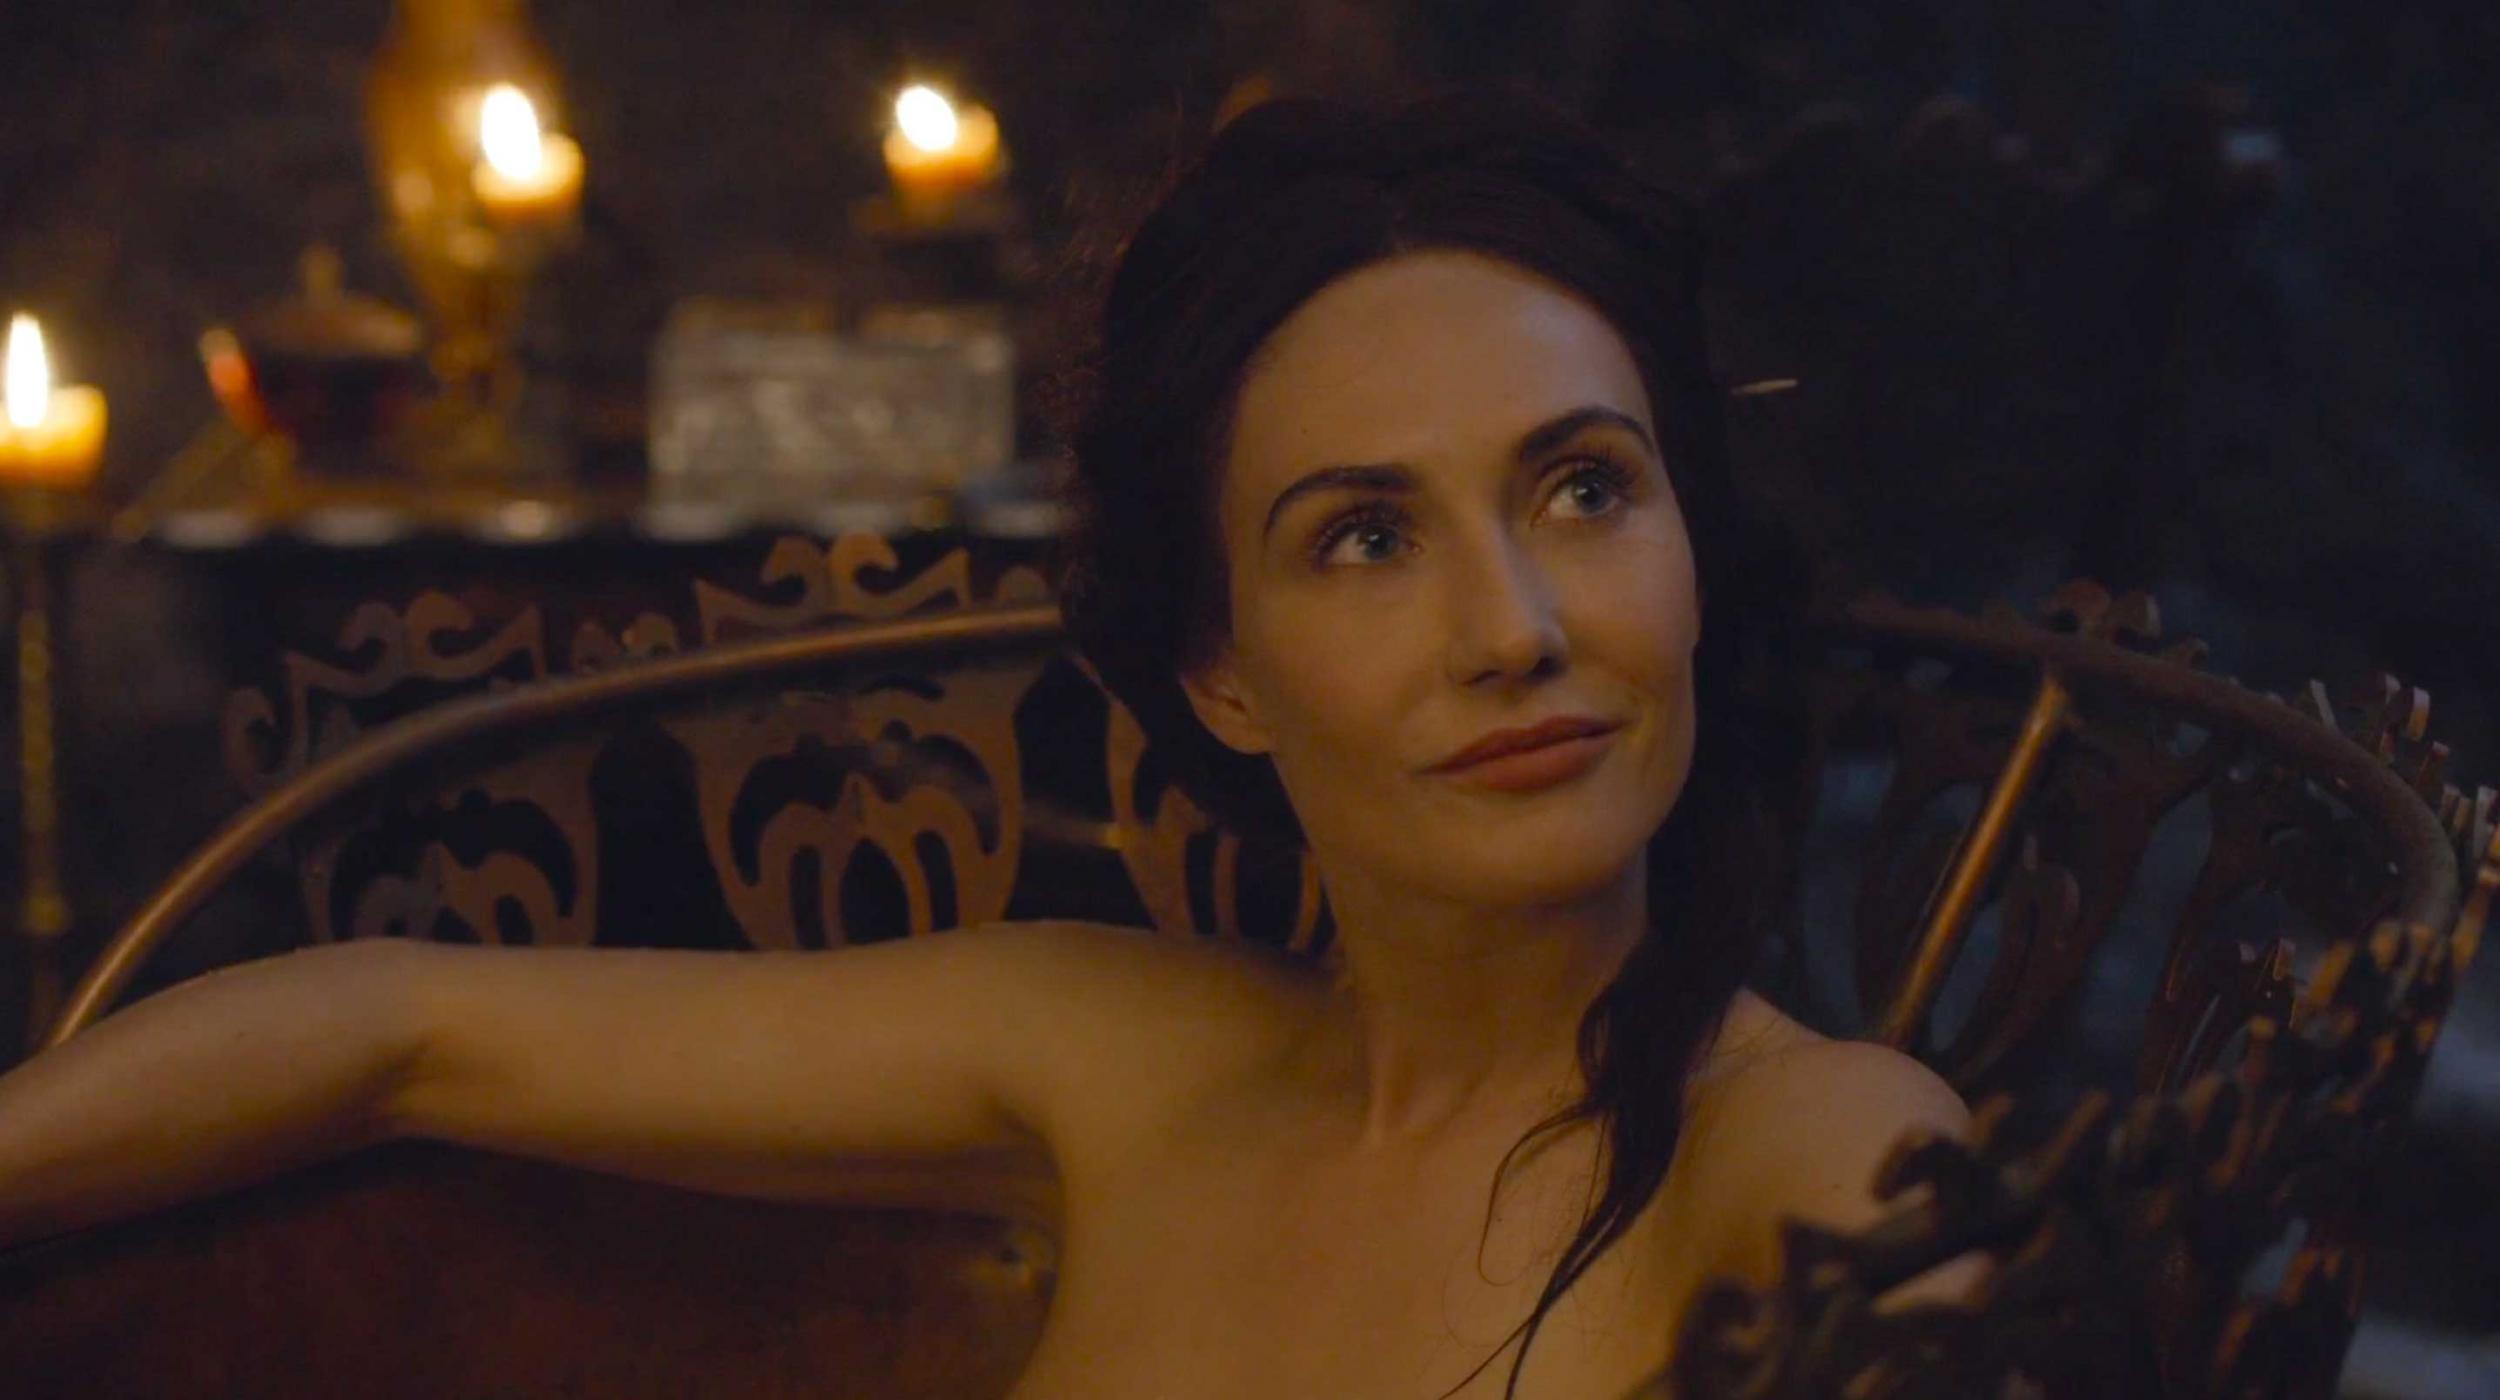 Nữ diễn viên khỏa thân nhiều nhất trong phim 18+ gây sốt toàn thế giới